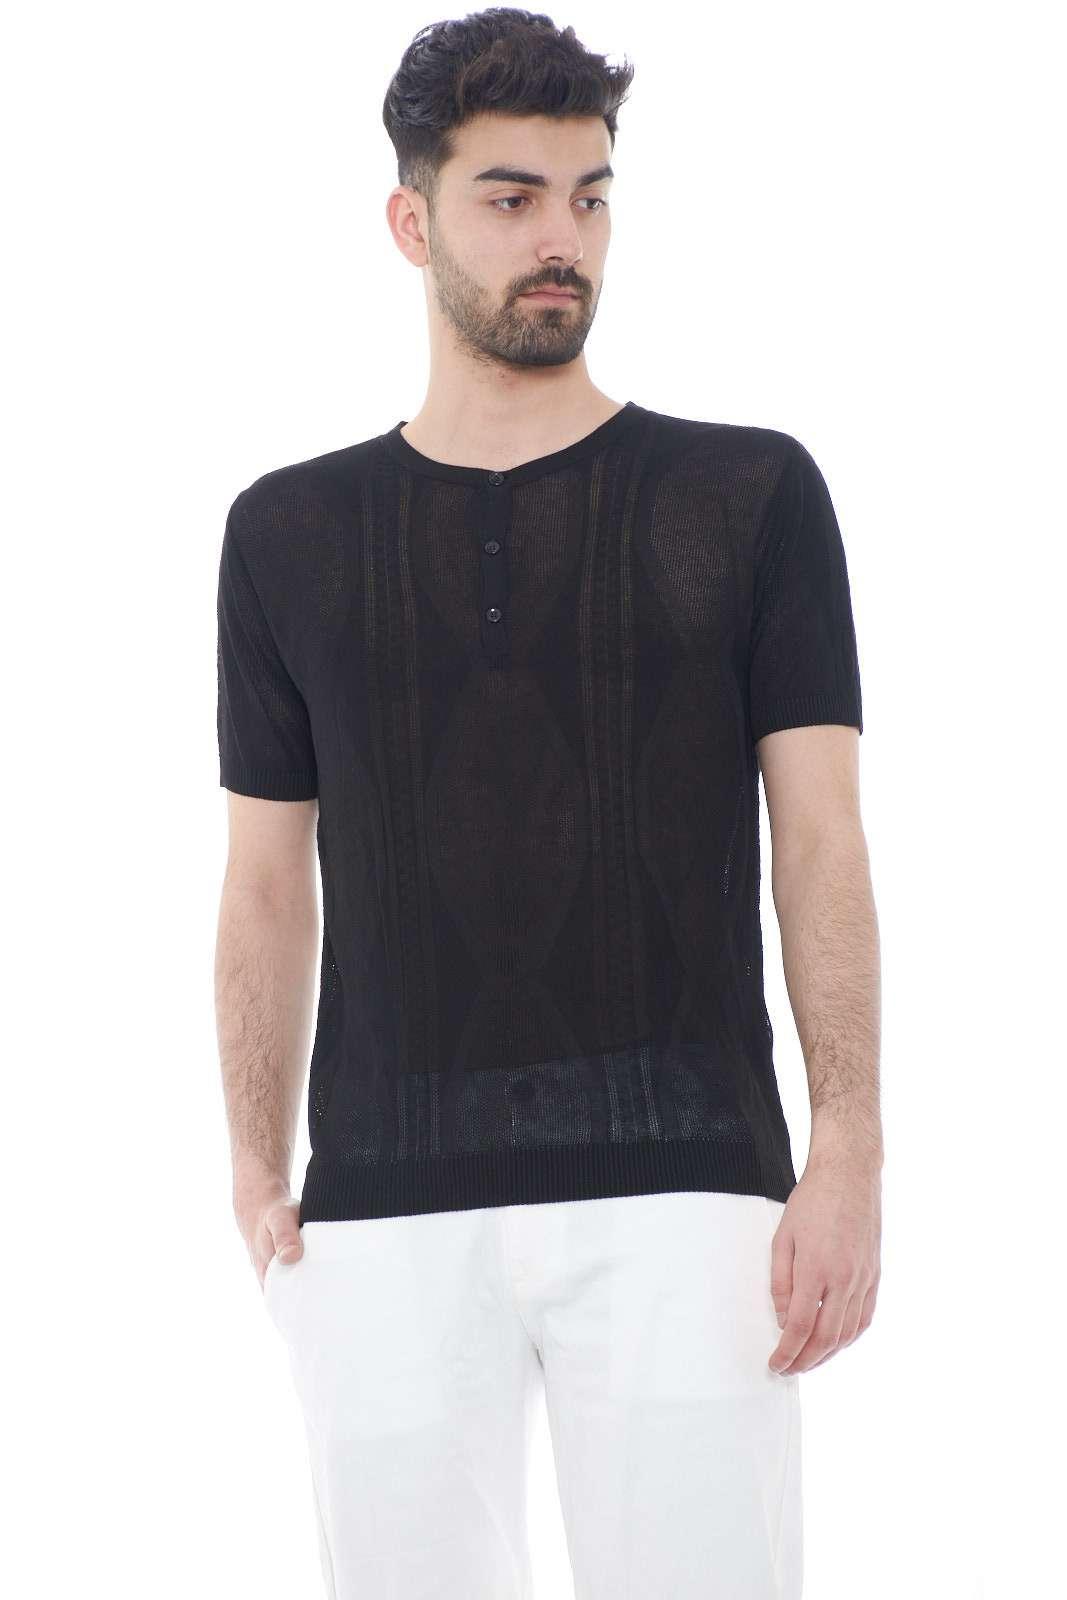 Una maglia con lavorazione intrecciata, quella proposta dalla collezione Adriano Langella. Caratterizzata dai dettagli intrecciati, da indossare nelle calde giornate estive. Da abbinare ad un bermuda, un jeans è un must have.